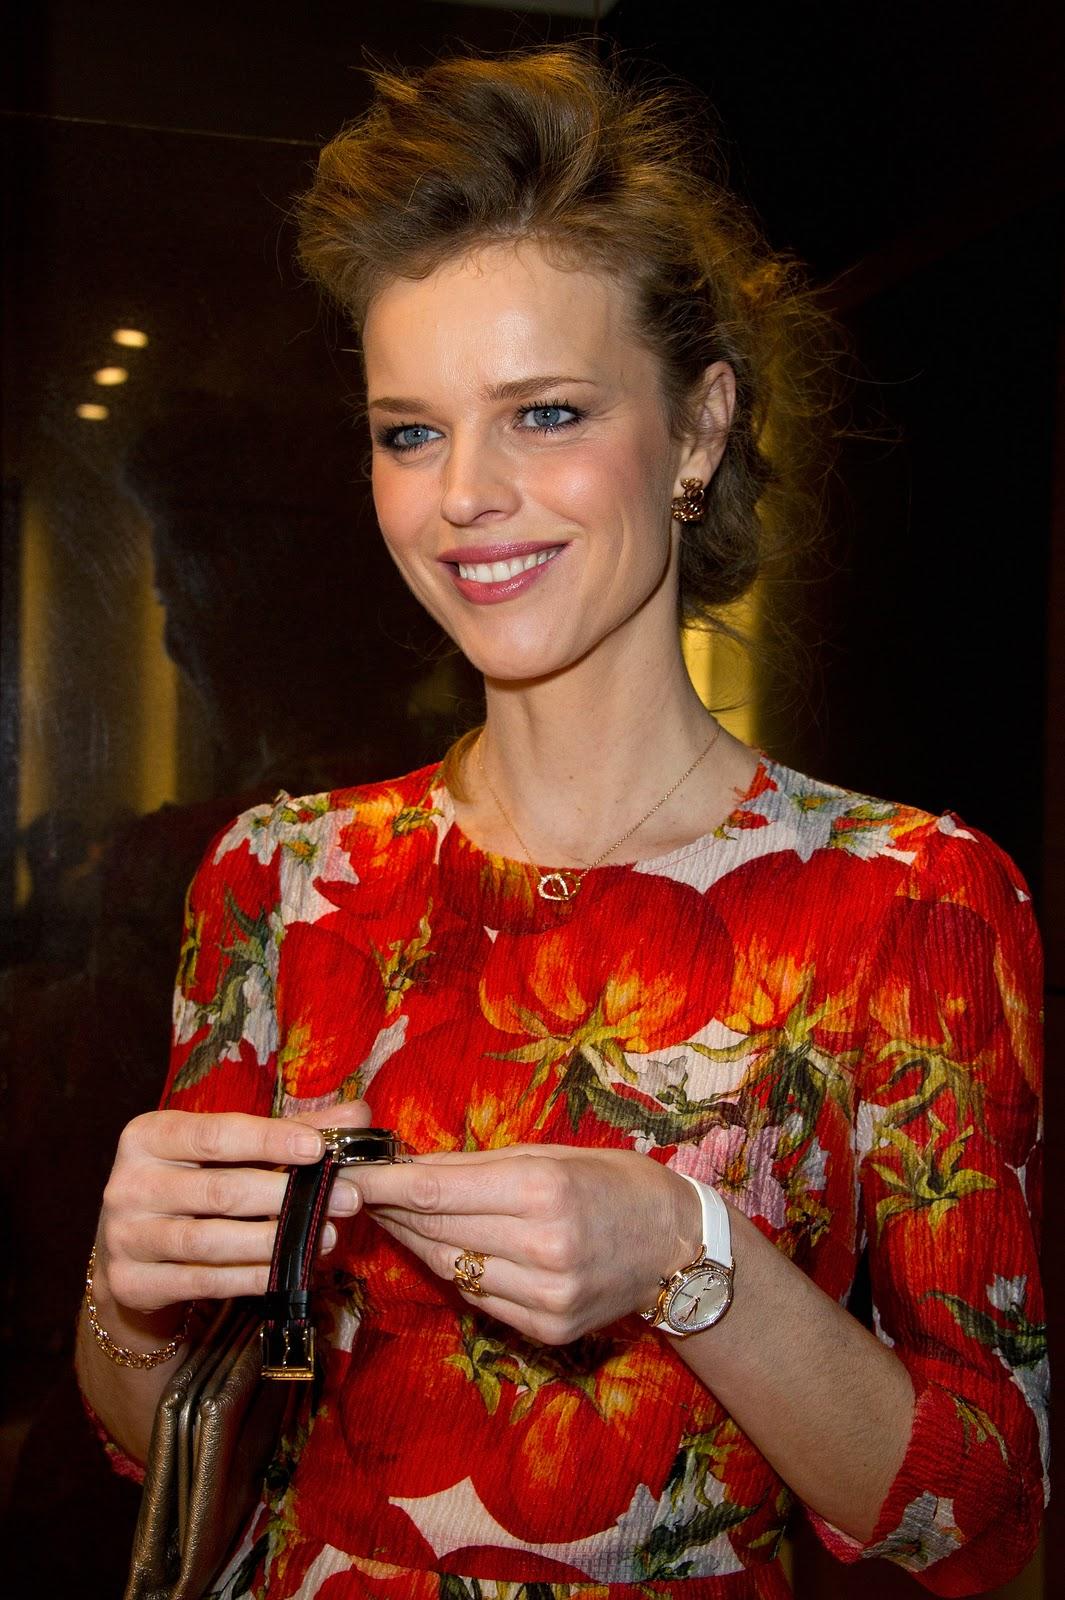 http://1.bp.blogspot.com/-PwaMLukB6xU/Txgm9bxk8XI/AAAAAAAAEEE/u0IAuq6ggmU/s1600/Eva+Herzigova+model+wonderbra+January+2012+jewellery.jpg